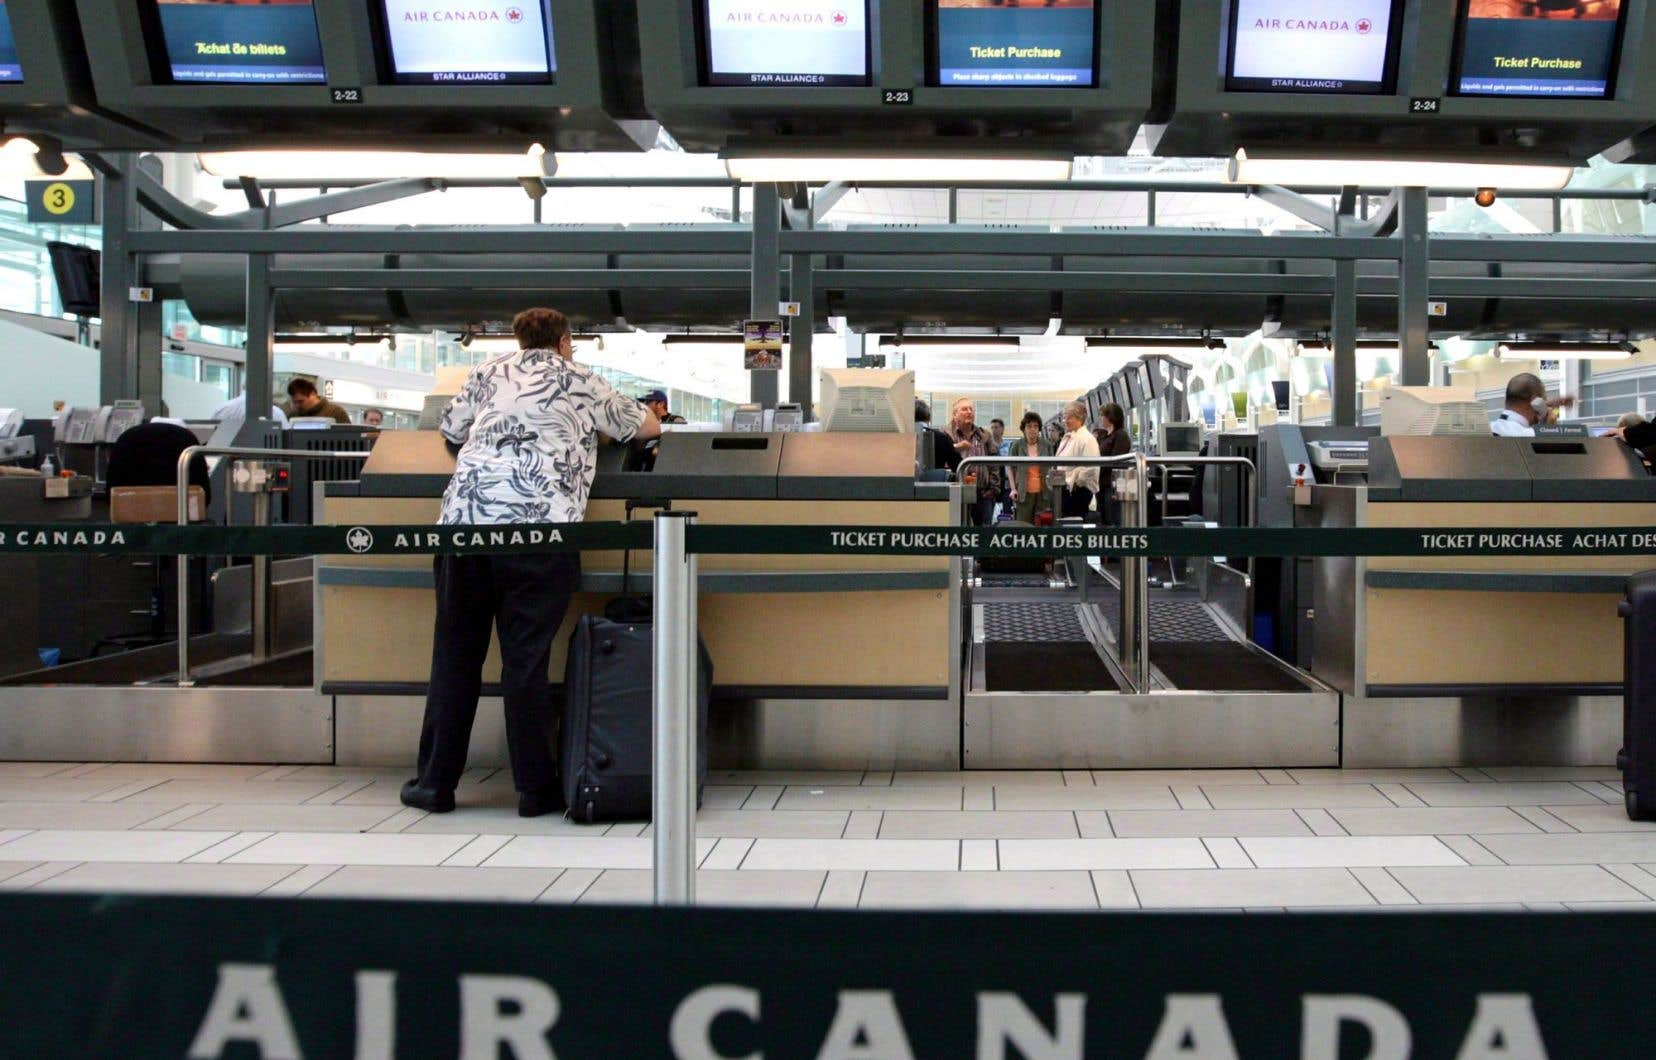 À l'origine, Aéroplan était le programme de fidélisation maison d'Air Canada.